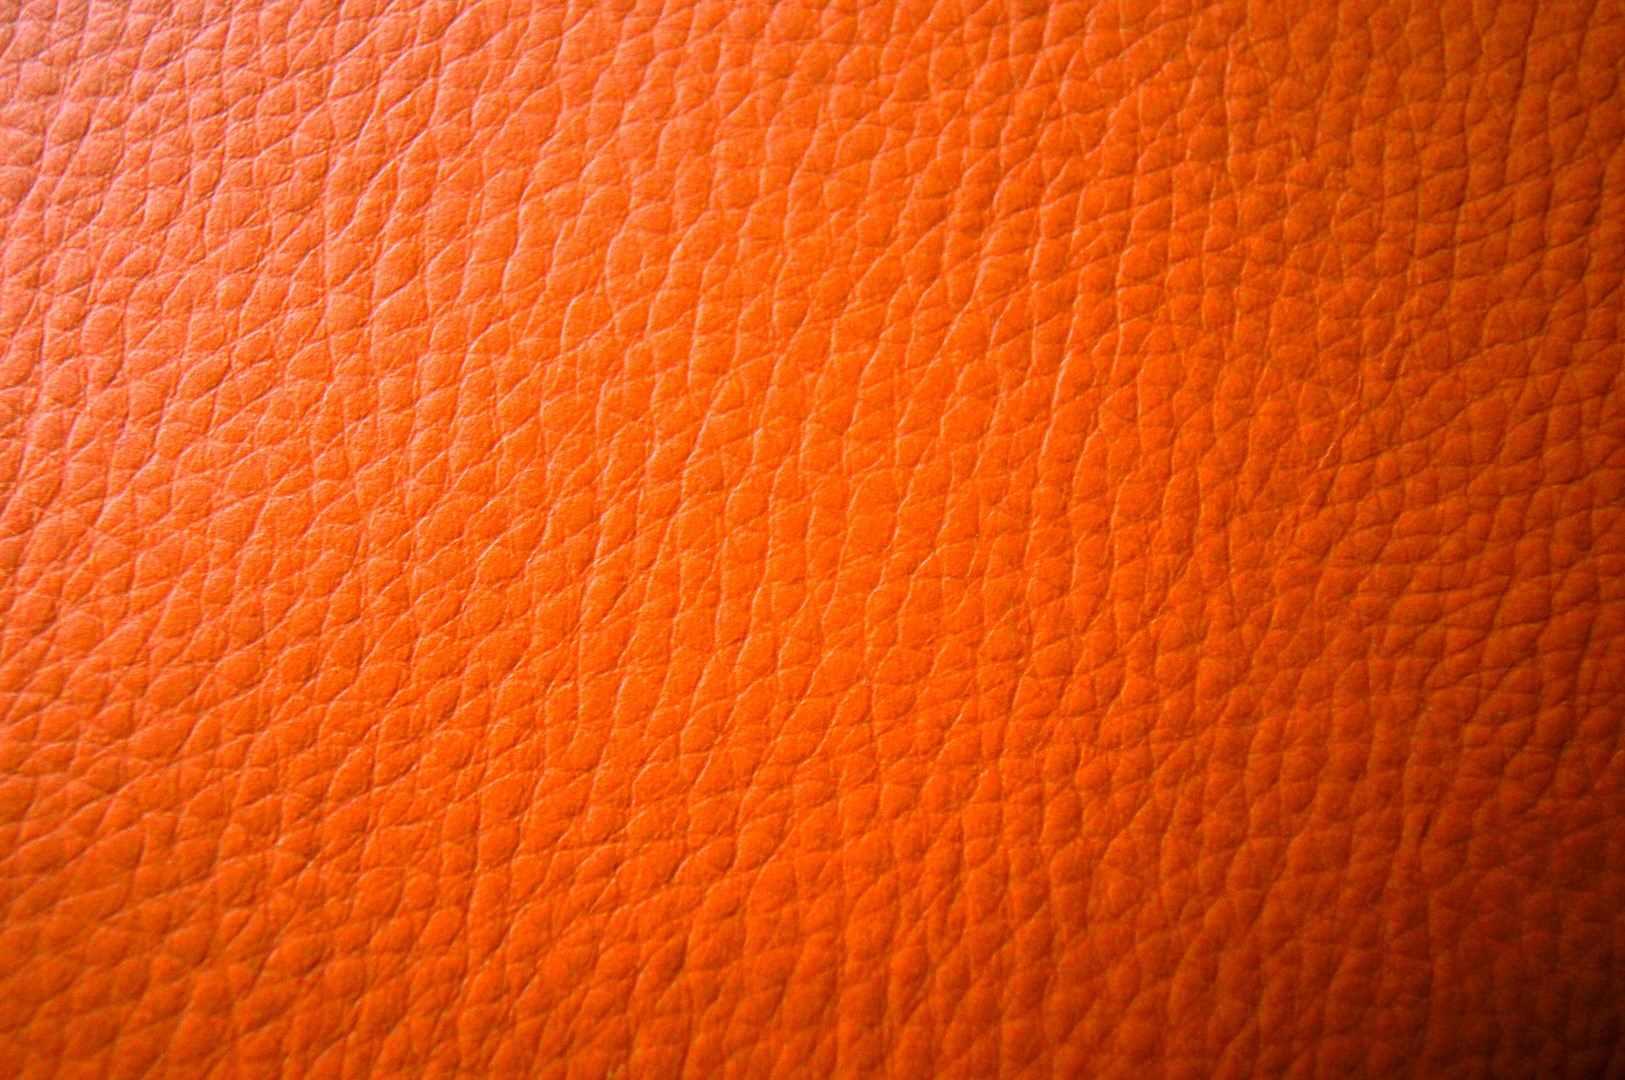 leather_orange_background-Large